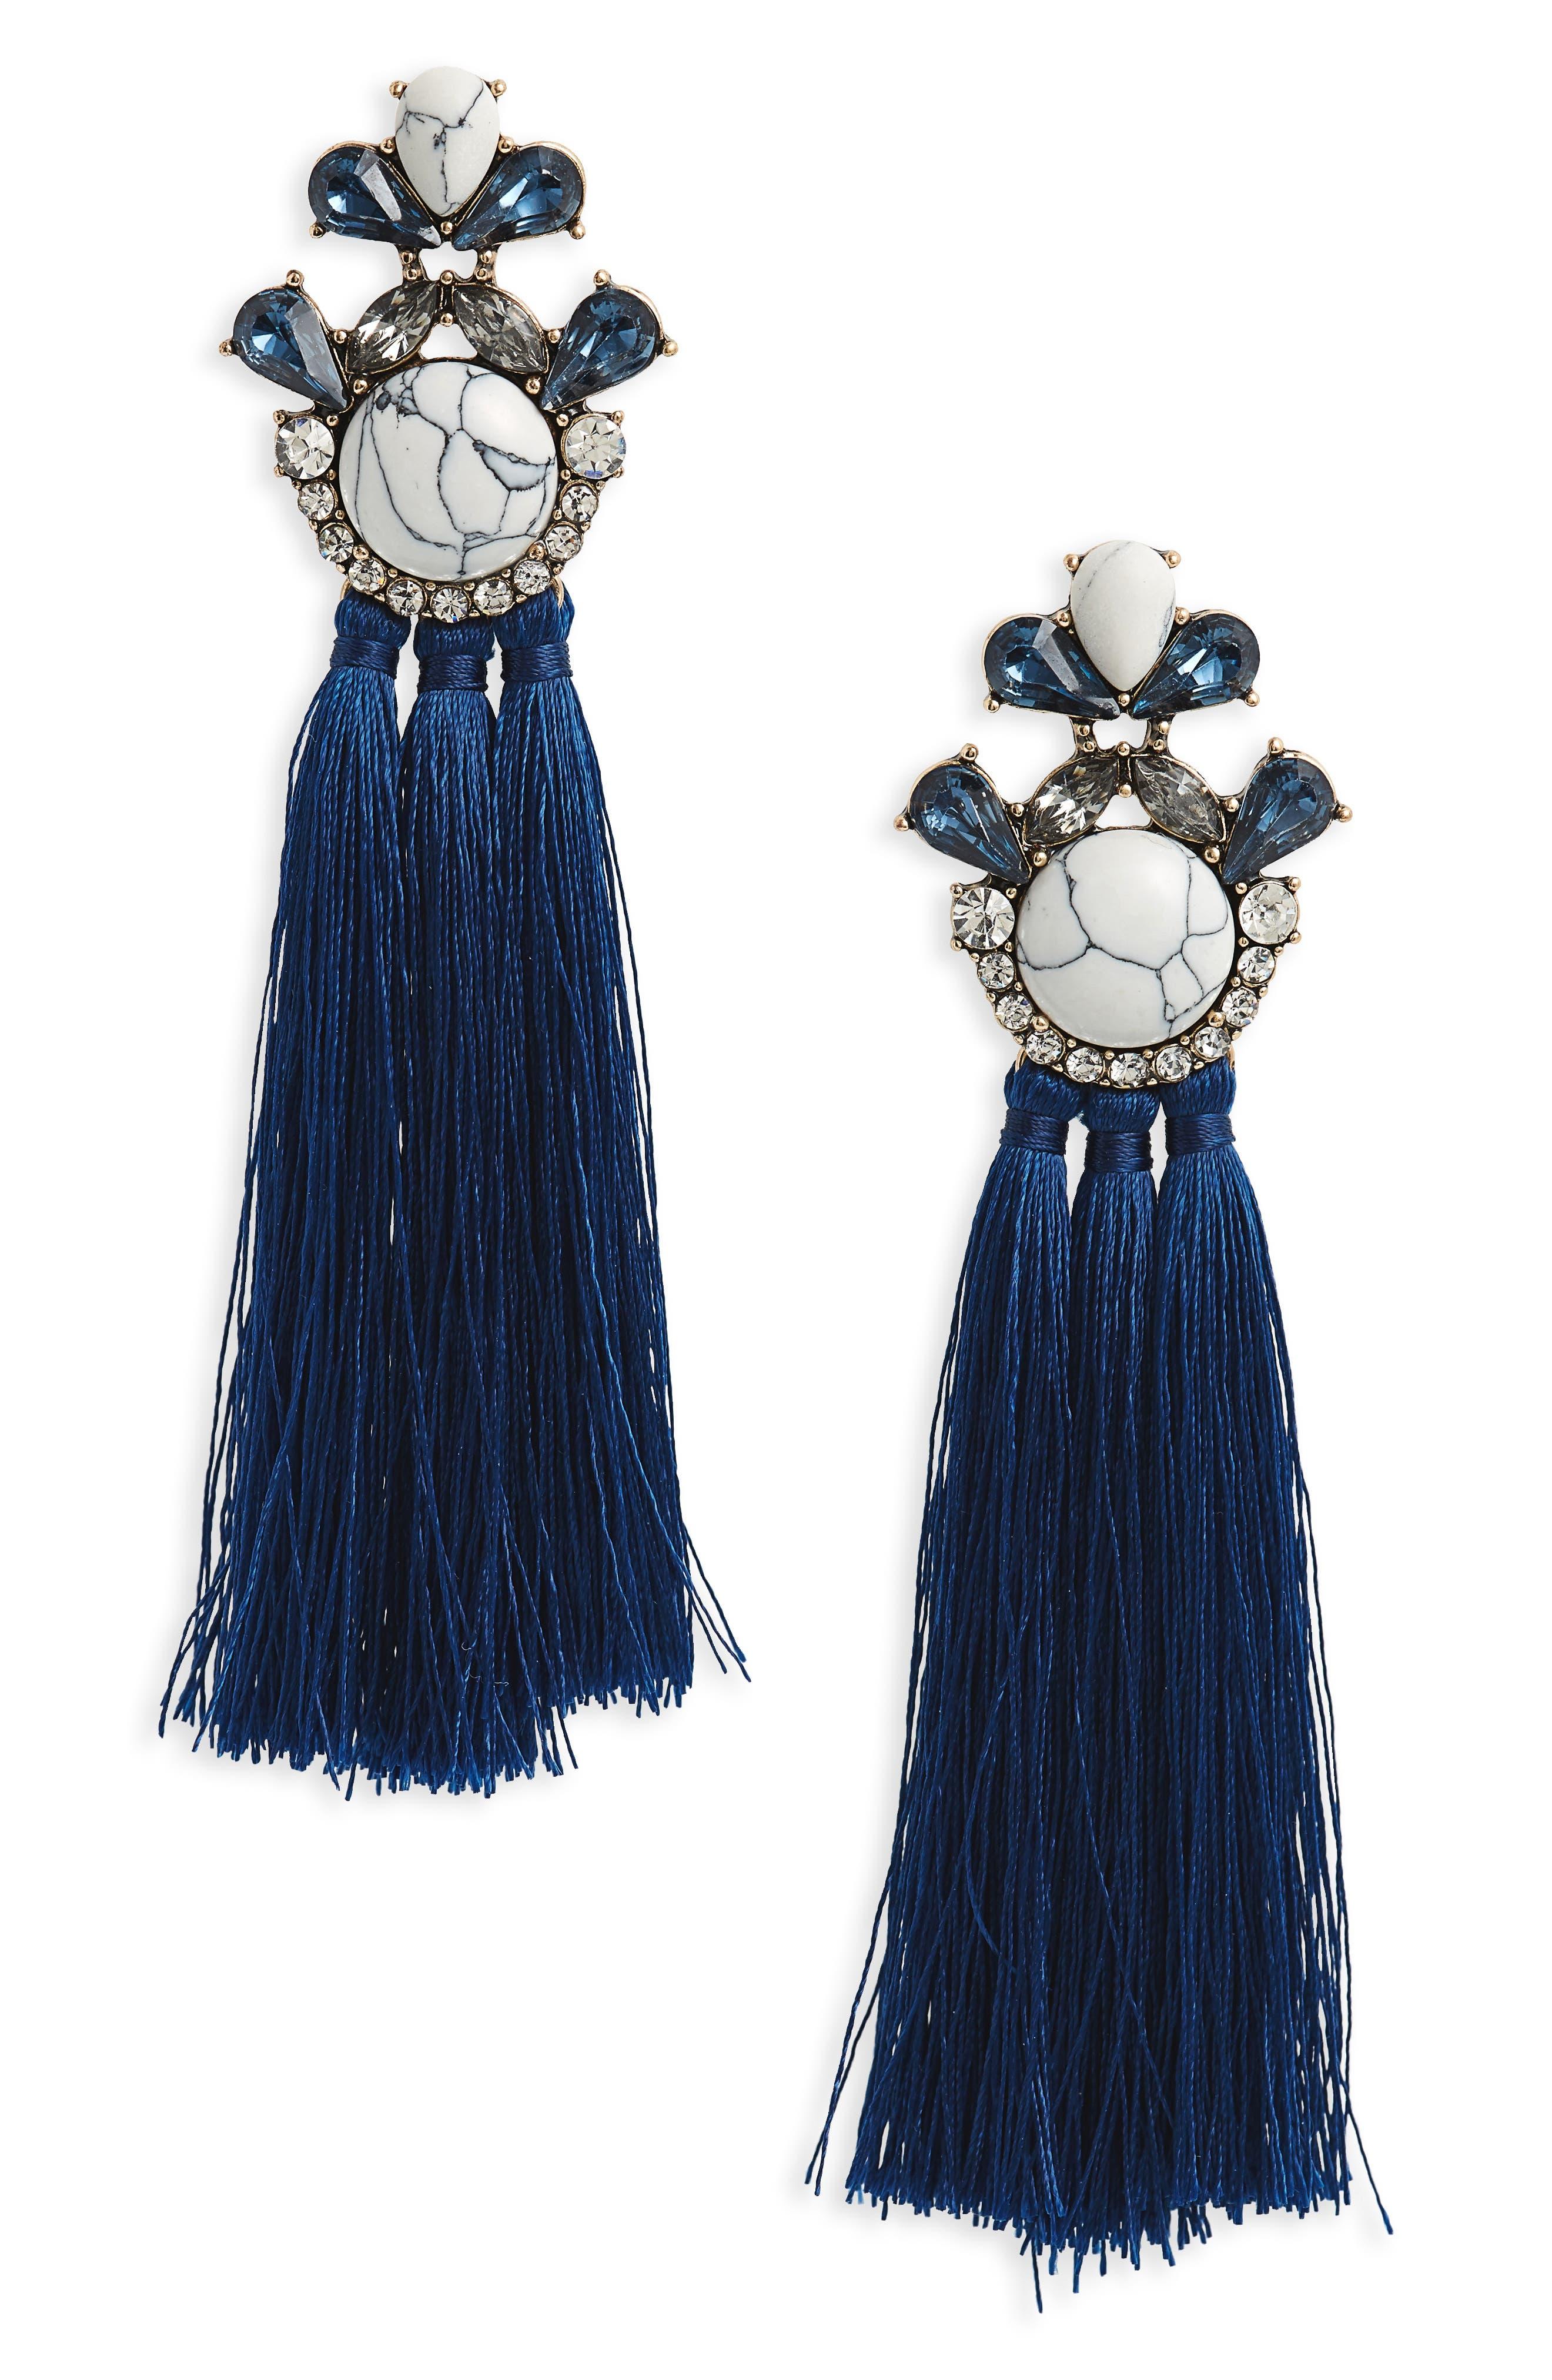 Marble & Crystal Tassel Earrings,                         Main,                         color, Marble/ Blue/ Crystal